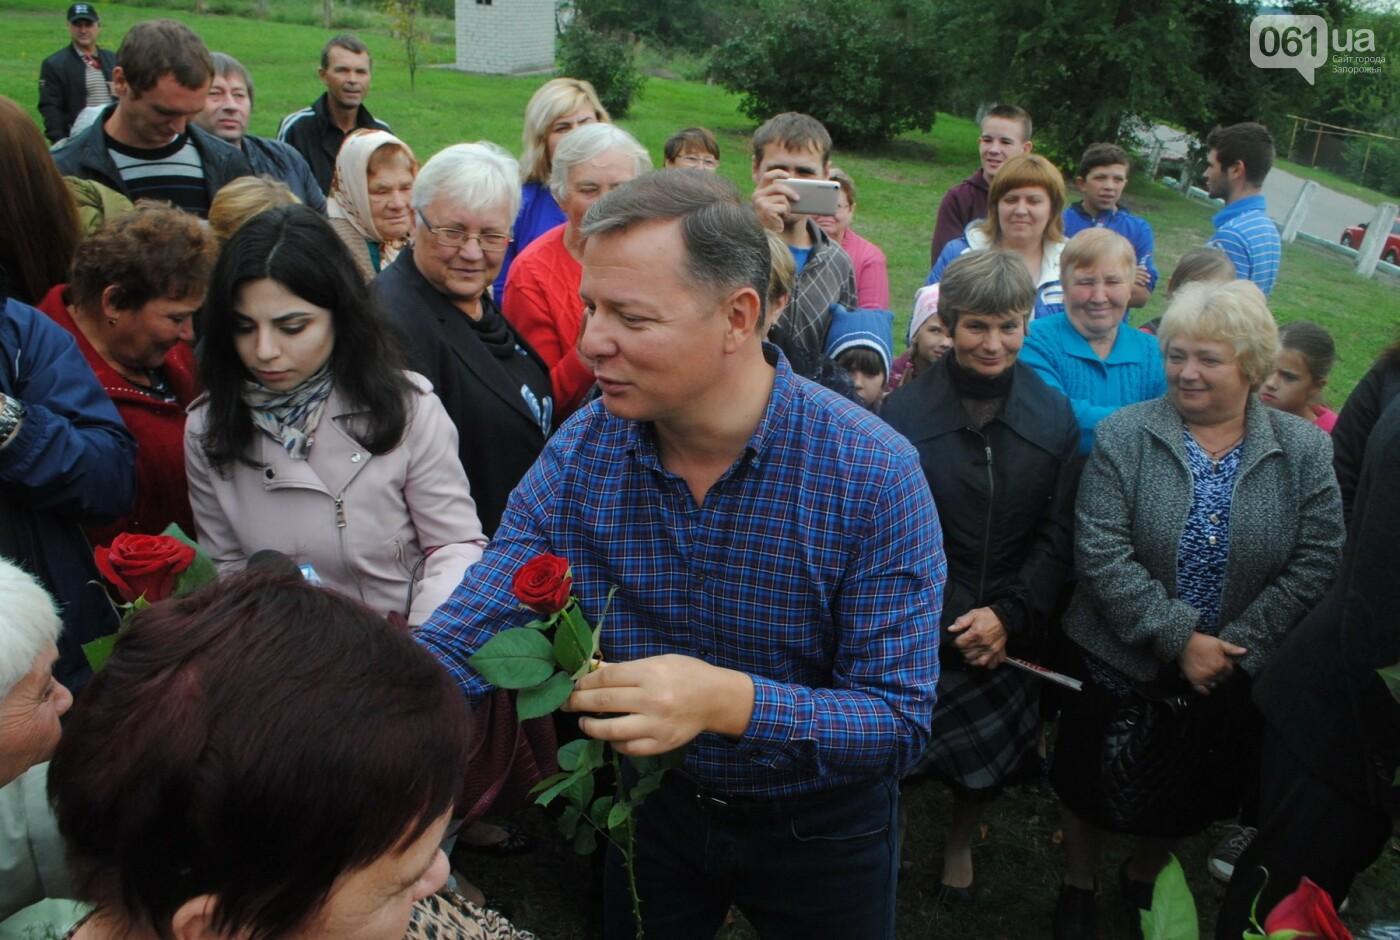 Громаду под Запорожьем неожиданно посетил Олег Ляшко, нардеп встретился с людьми, - ФОТОРЕПОРТАЖ, фото-7